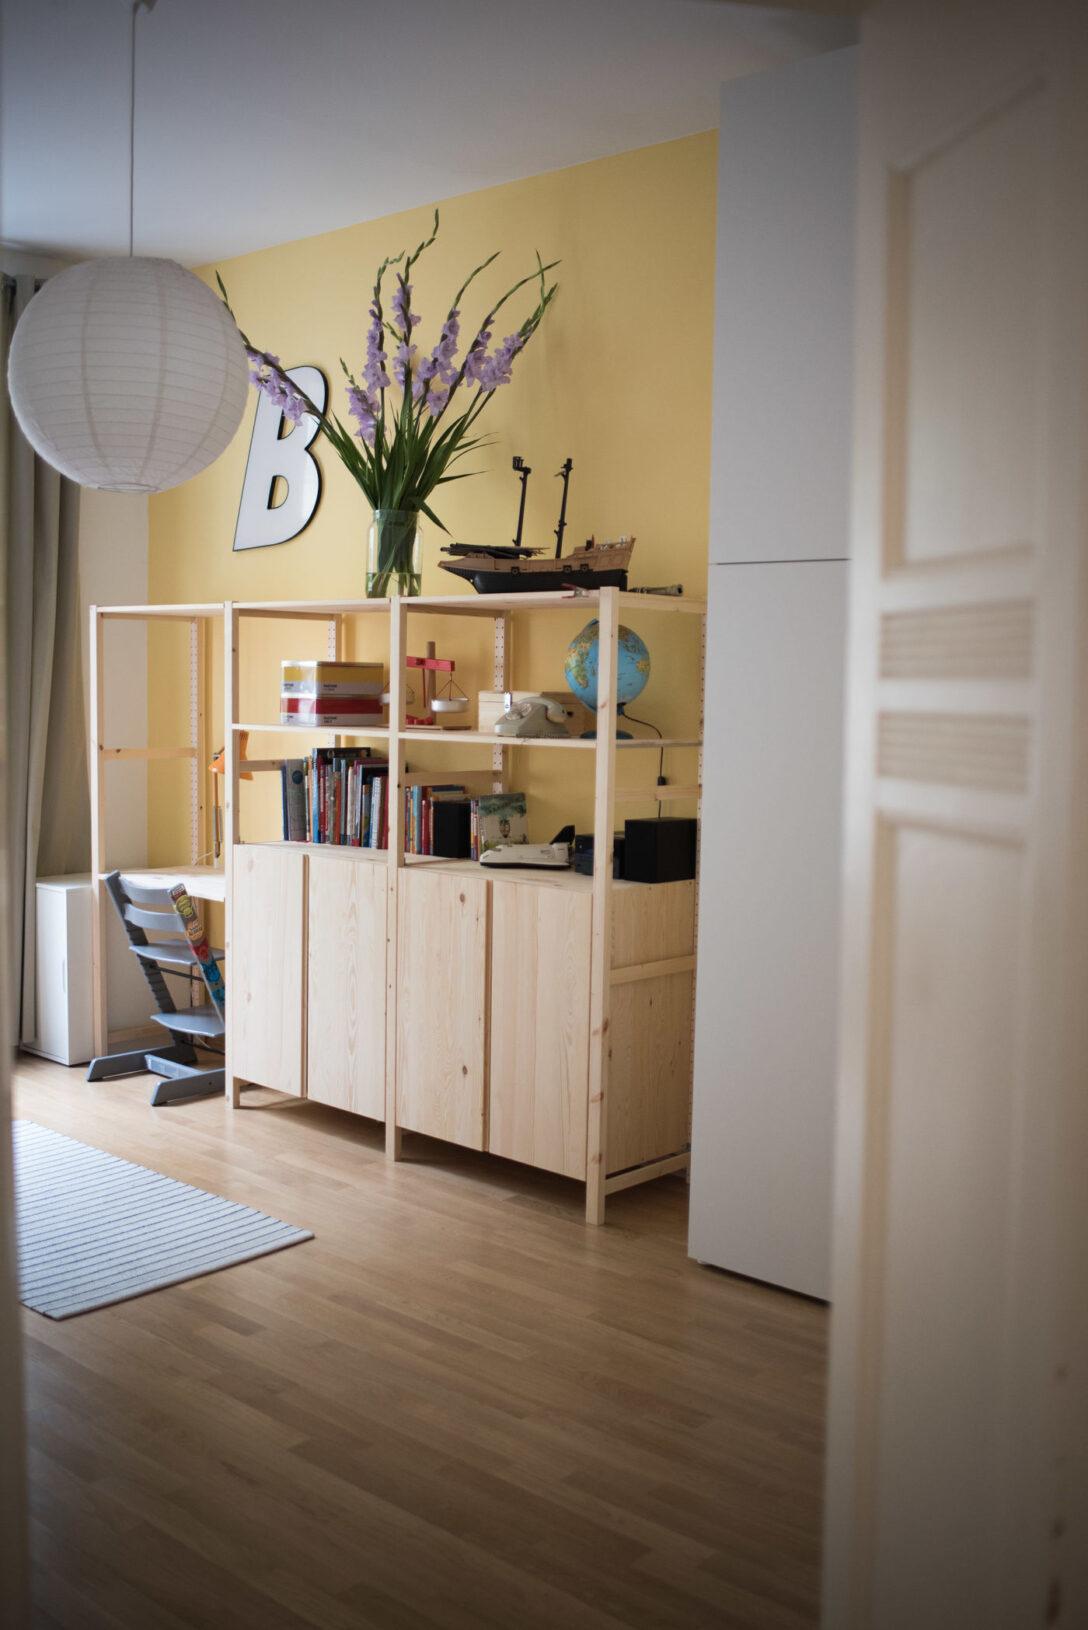 Large Size of Miniküche Mit Kühlschrank Ikea Küche Kosten Modulküche Stengel Betten Bei 160x200 Kaufen Sofa Schlaffunktion Wohnzimmer Ikea Värde Miniküche